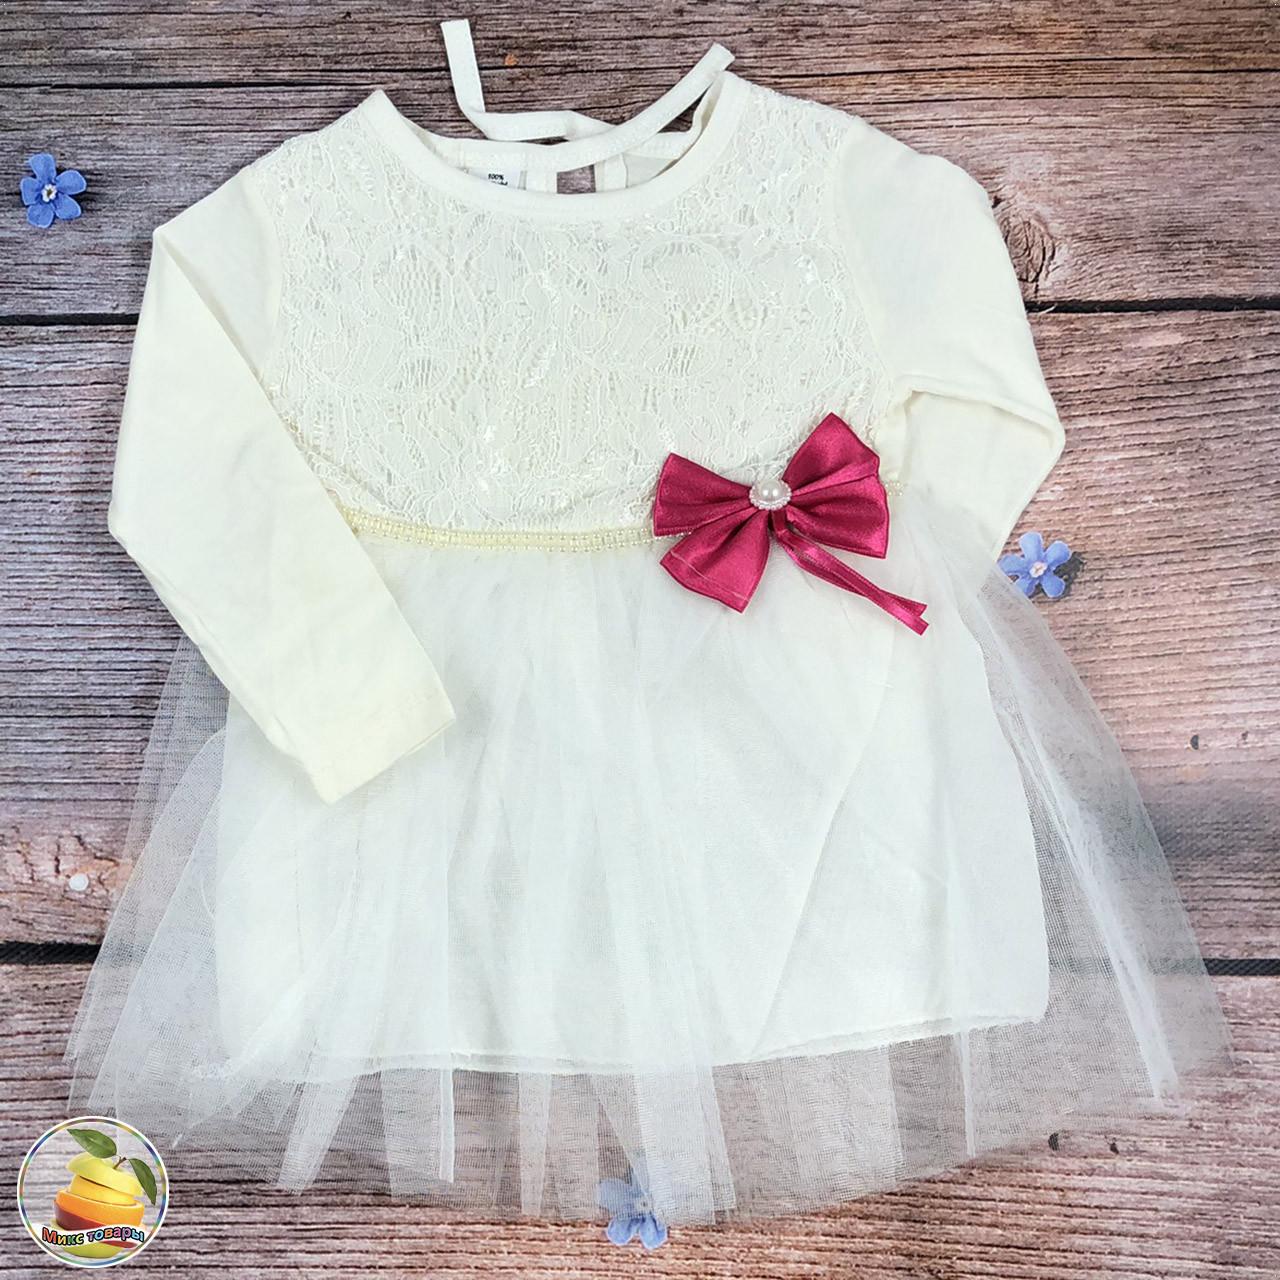 Платье с красным бантиком для маленькой девочки Размеры: 1,2,3, года (8874-3)